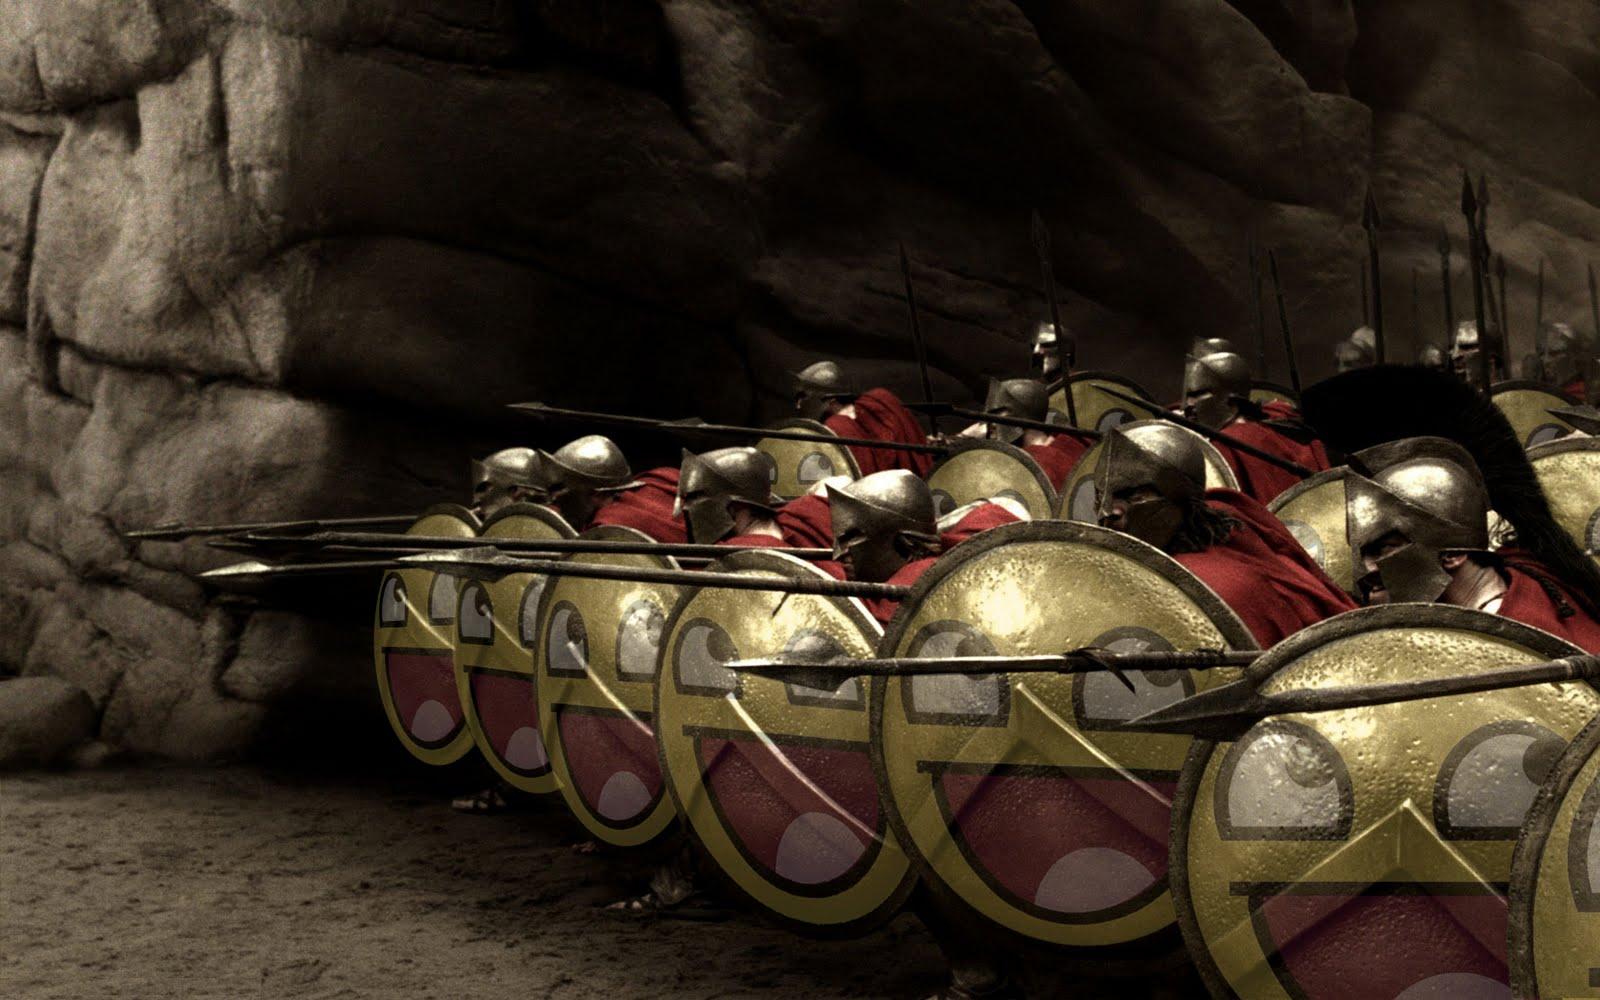 http://1.bp.blogspot.com/_KGeW9KbptIA/TMvvZoG3c_I/AAAAAAAAAPA/dNnynBpaWno/s1600/Sparta.jpg